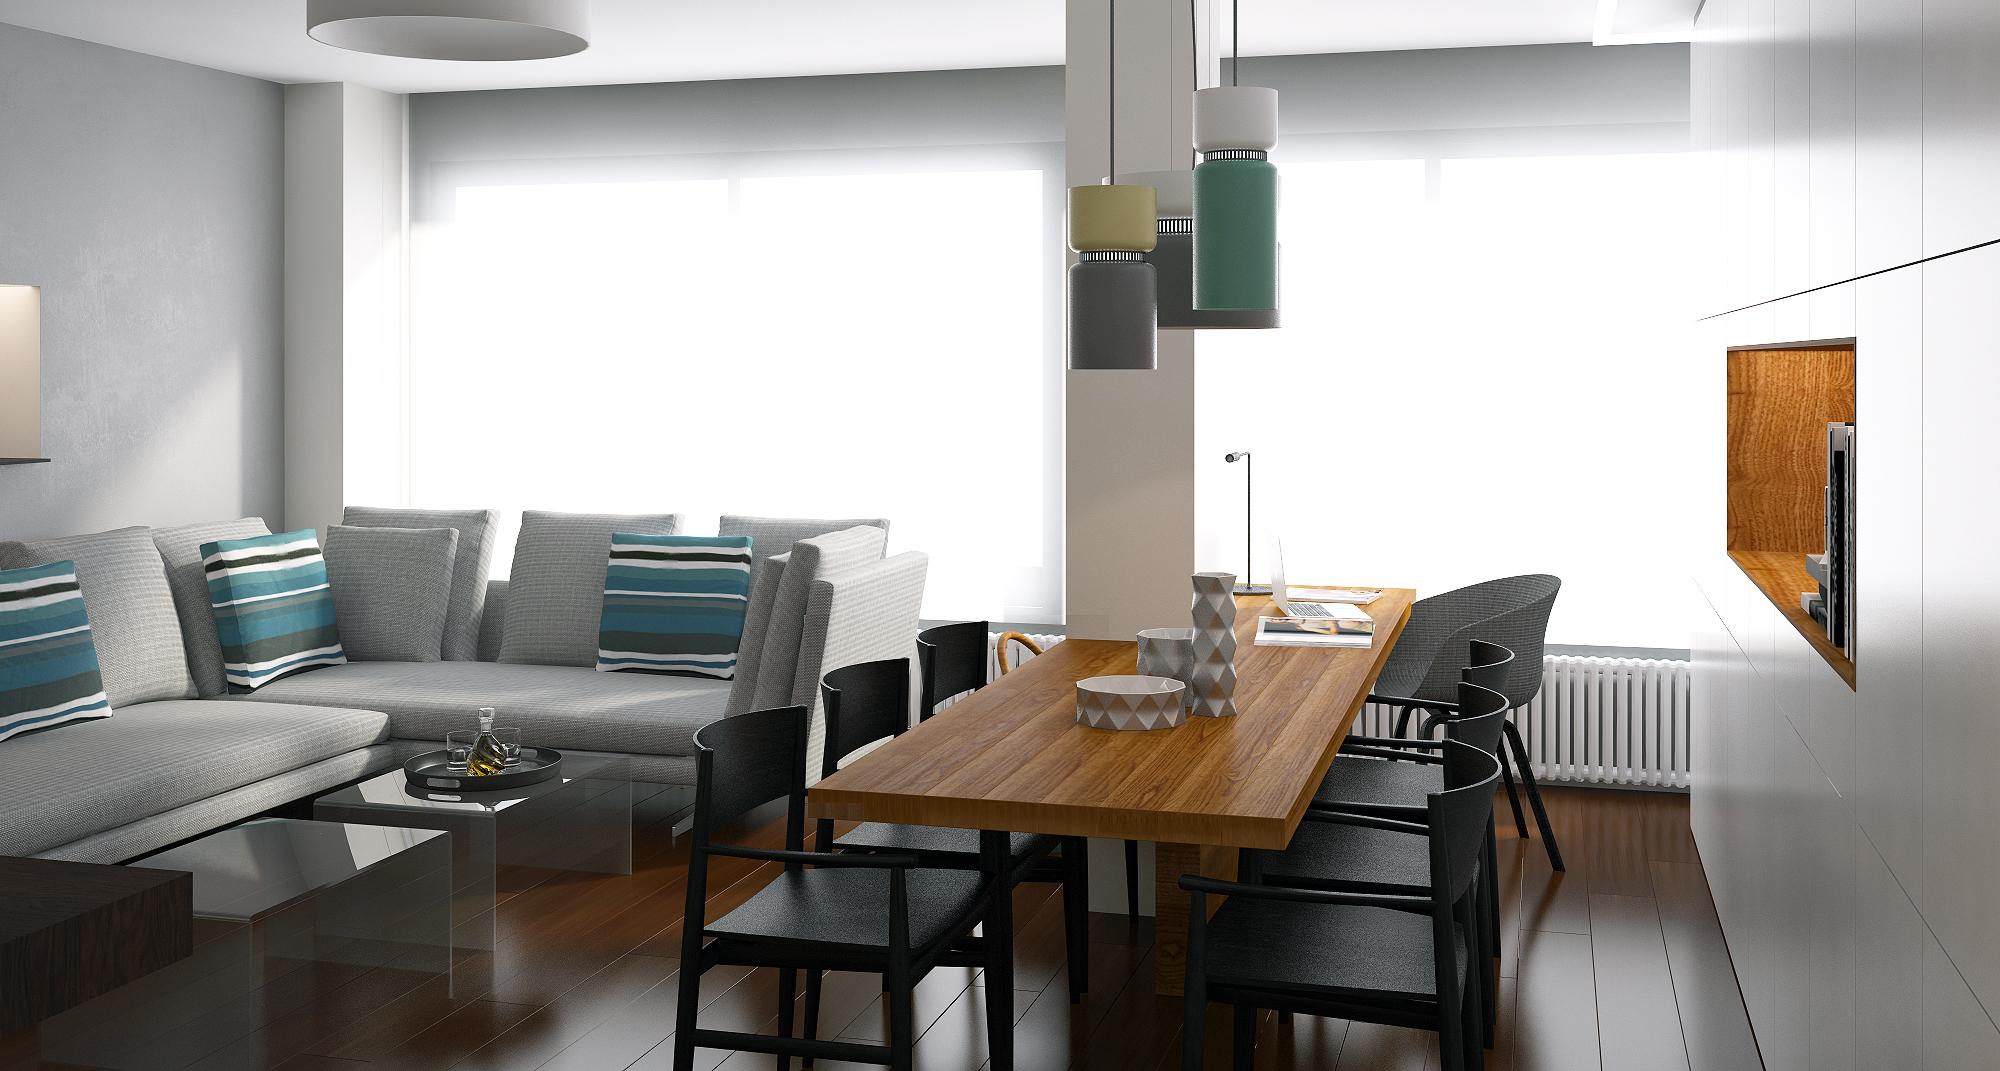 Interorismo 3D 03